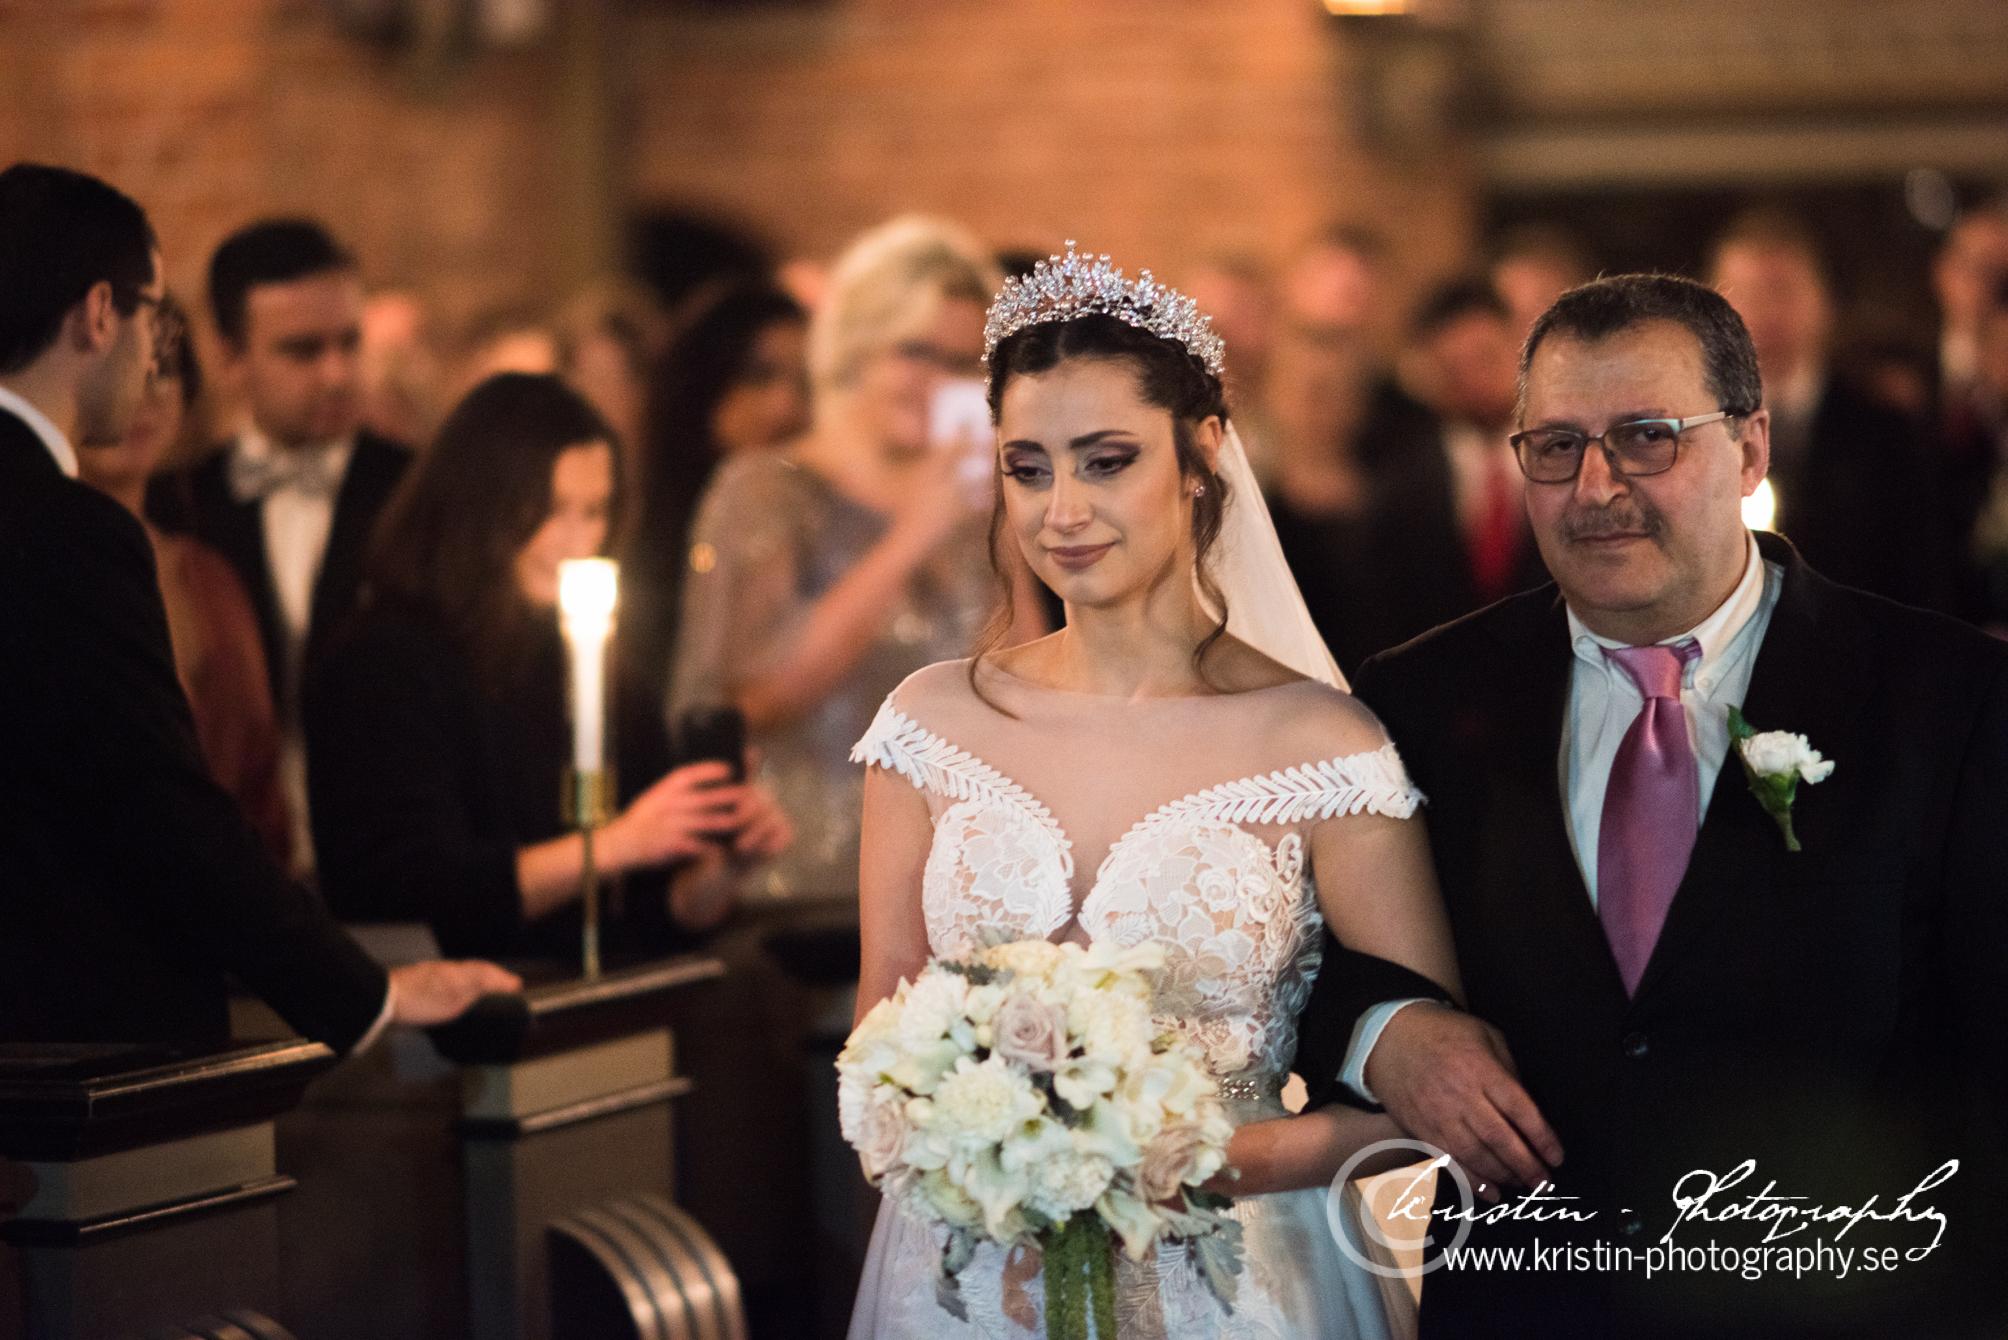 Bröllopsfotograf i Eskilstuna, Kristin - Photography-21.jpg